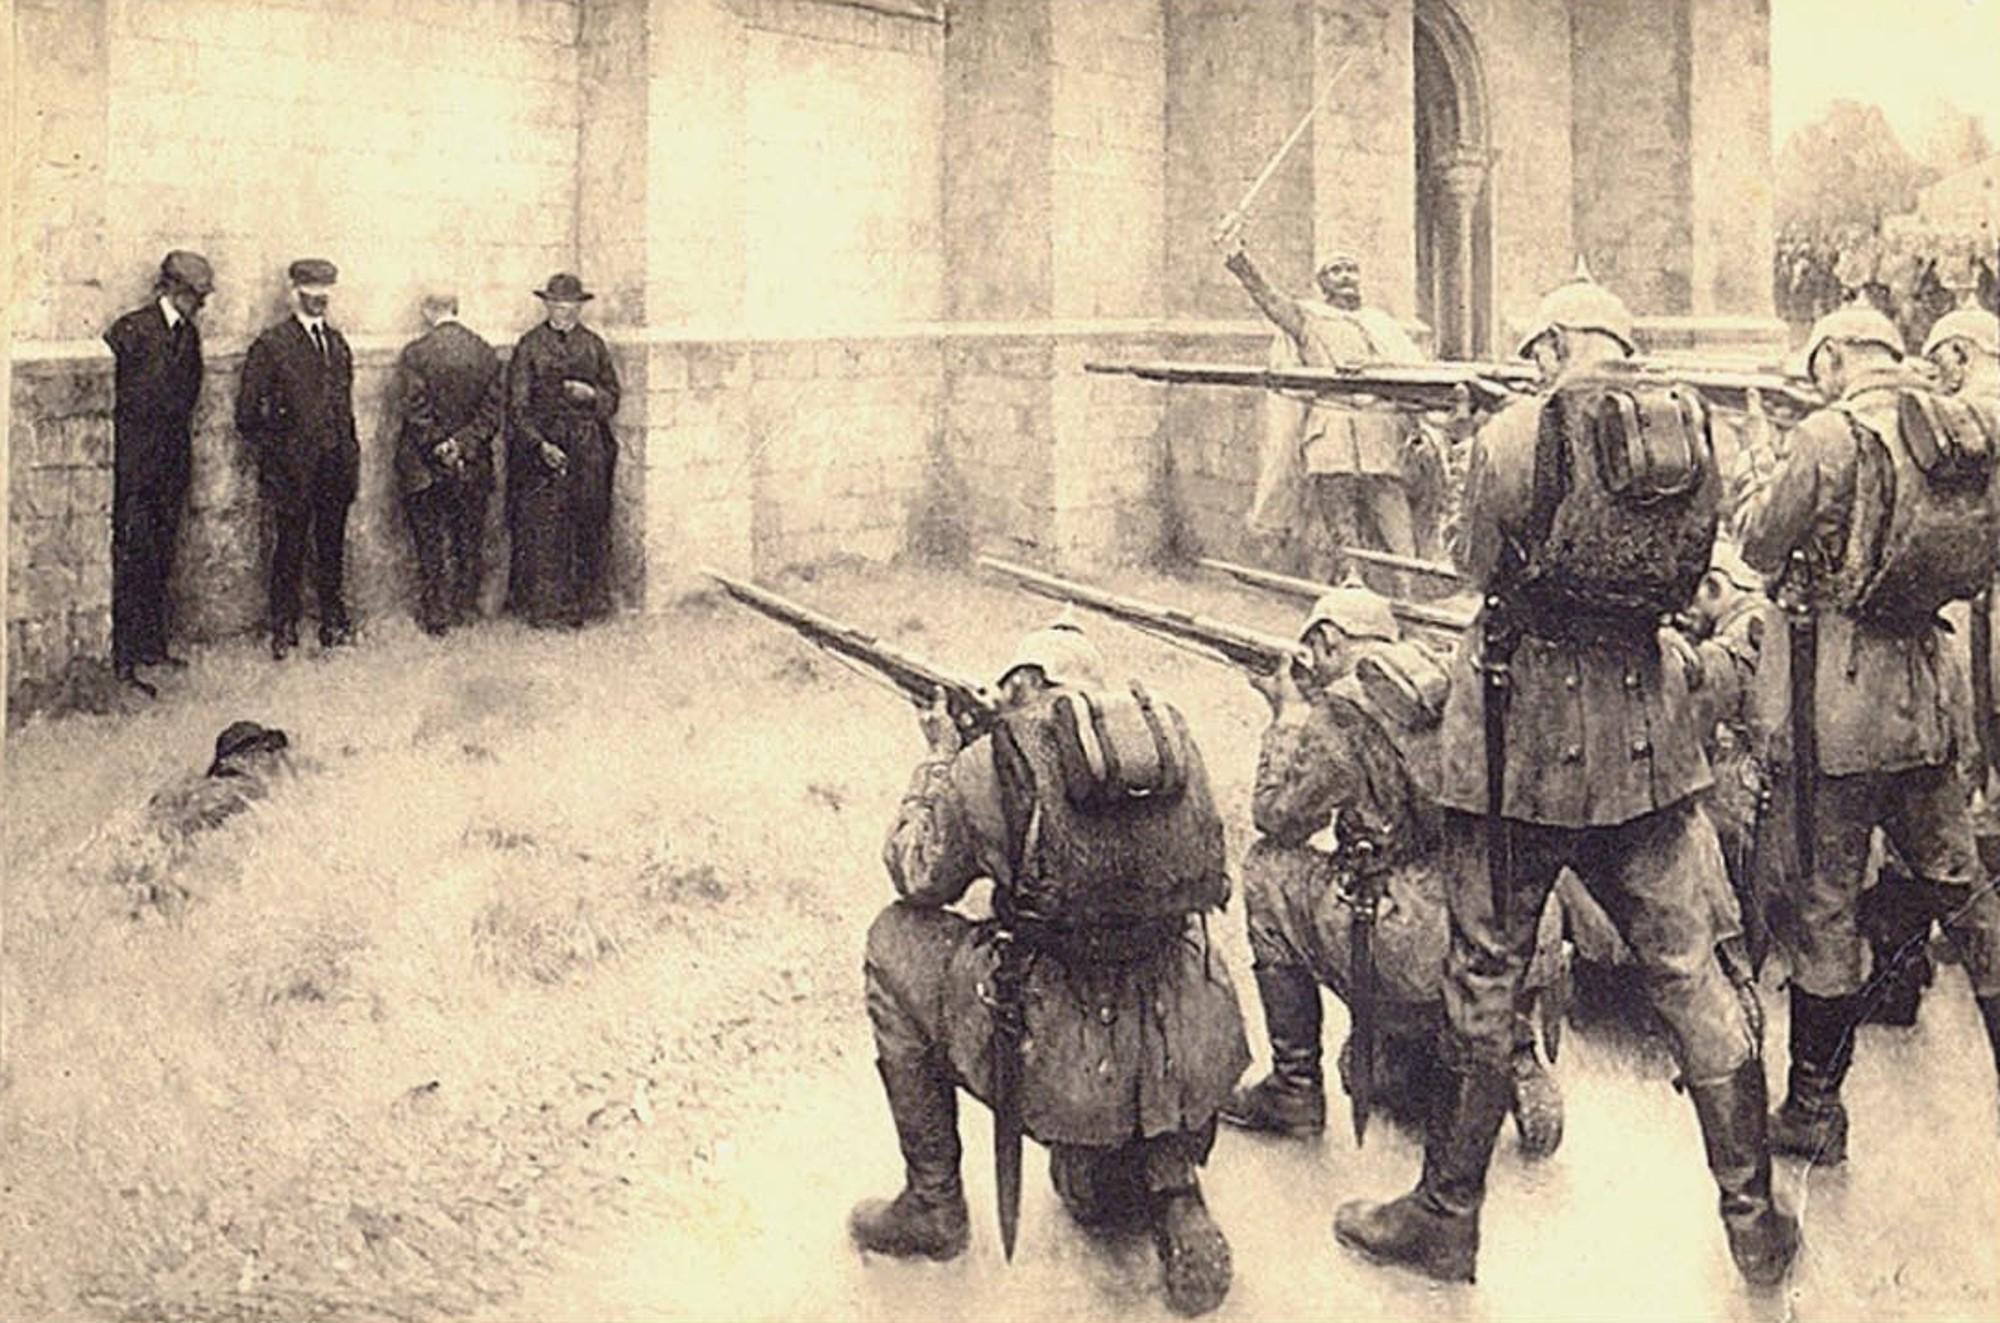 Évariste Carpentier raffigurante la fucilazione di civili belgi ad opera dei tedeschi a Blegny